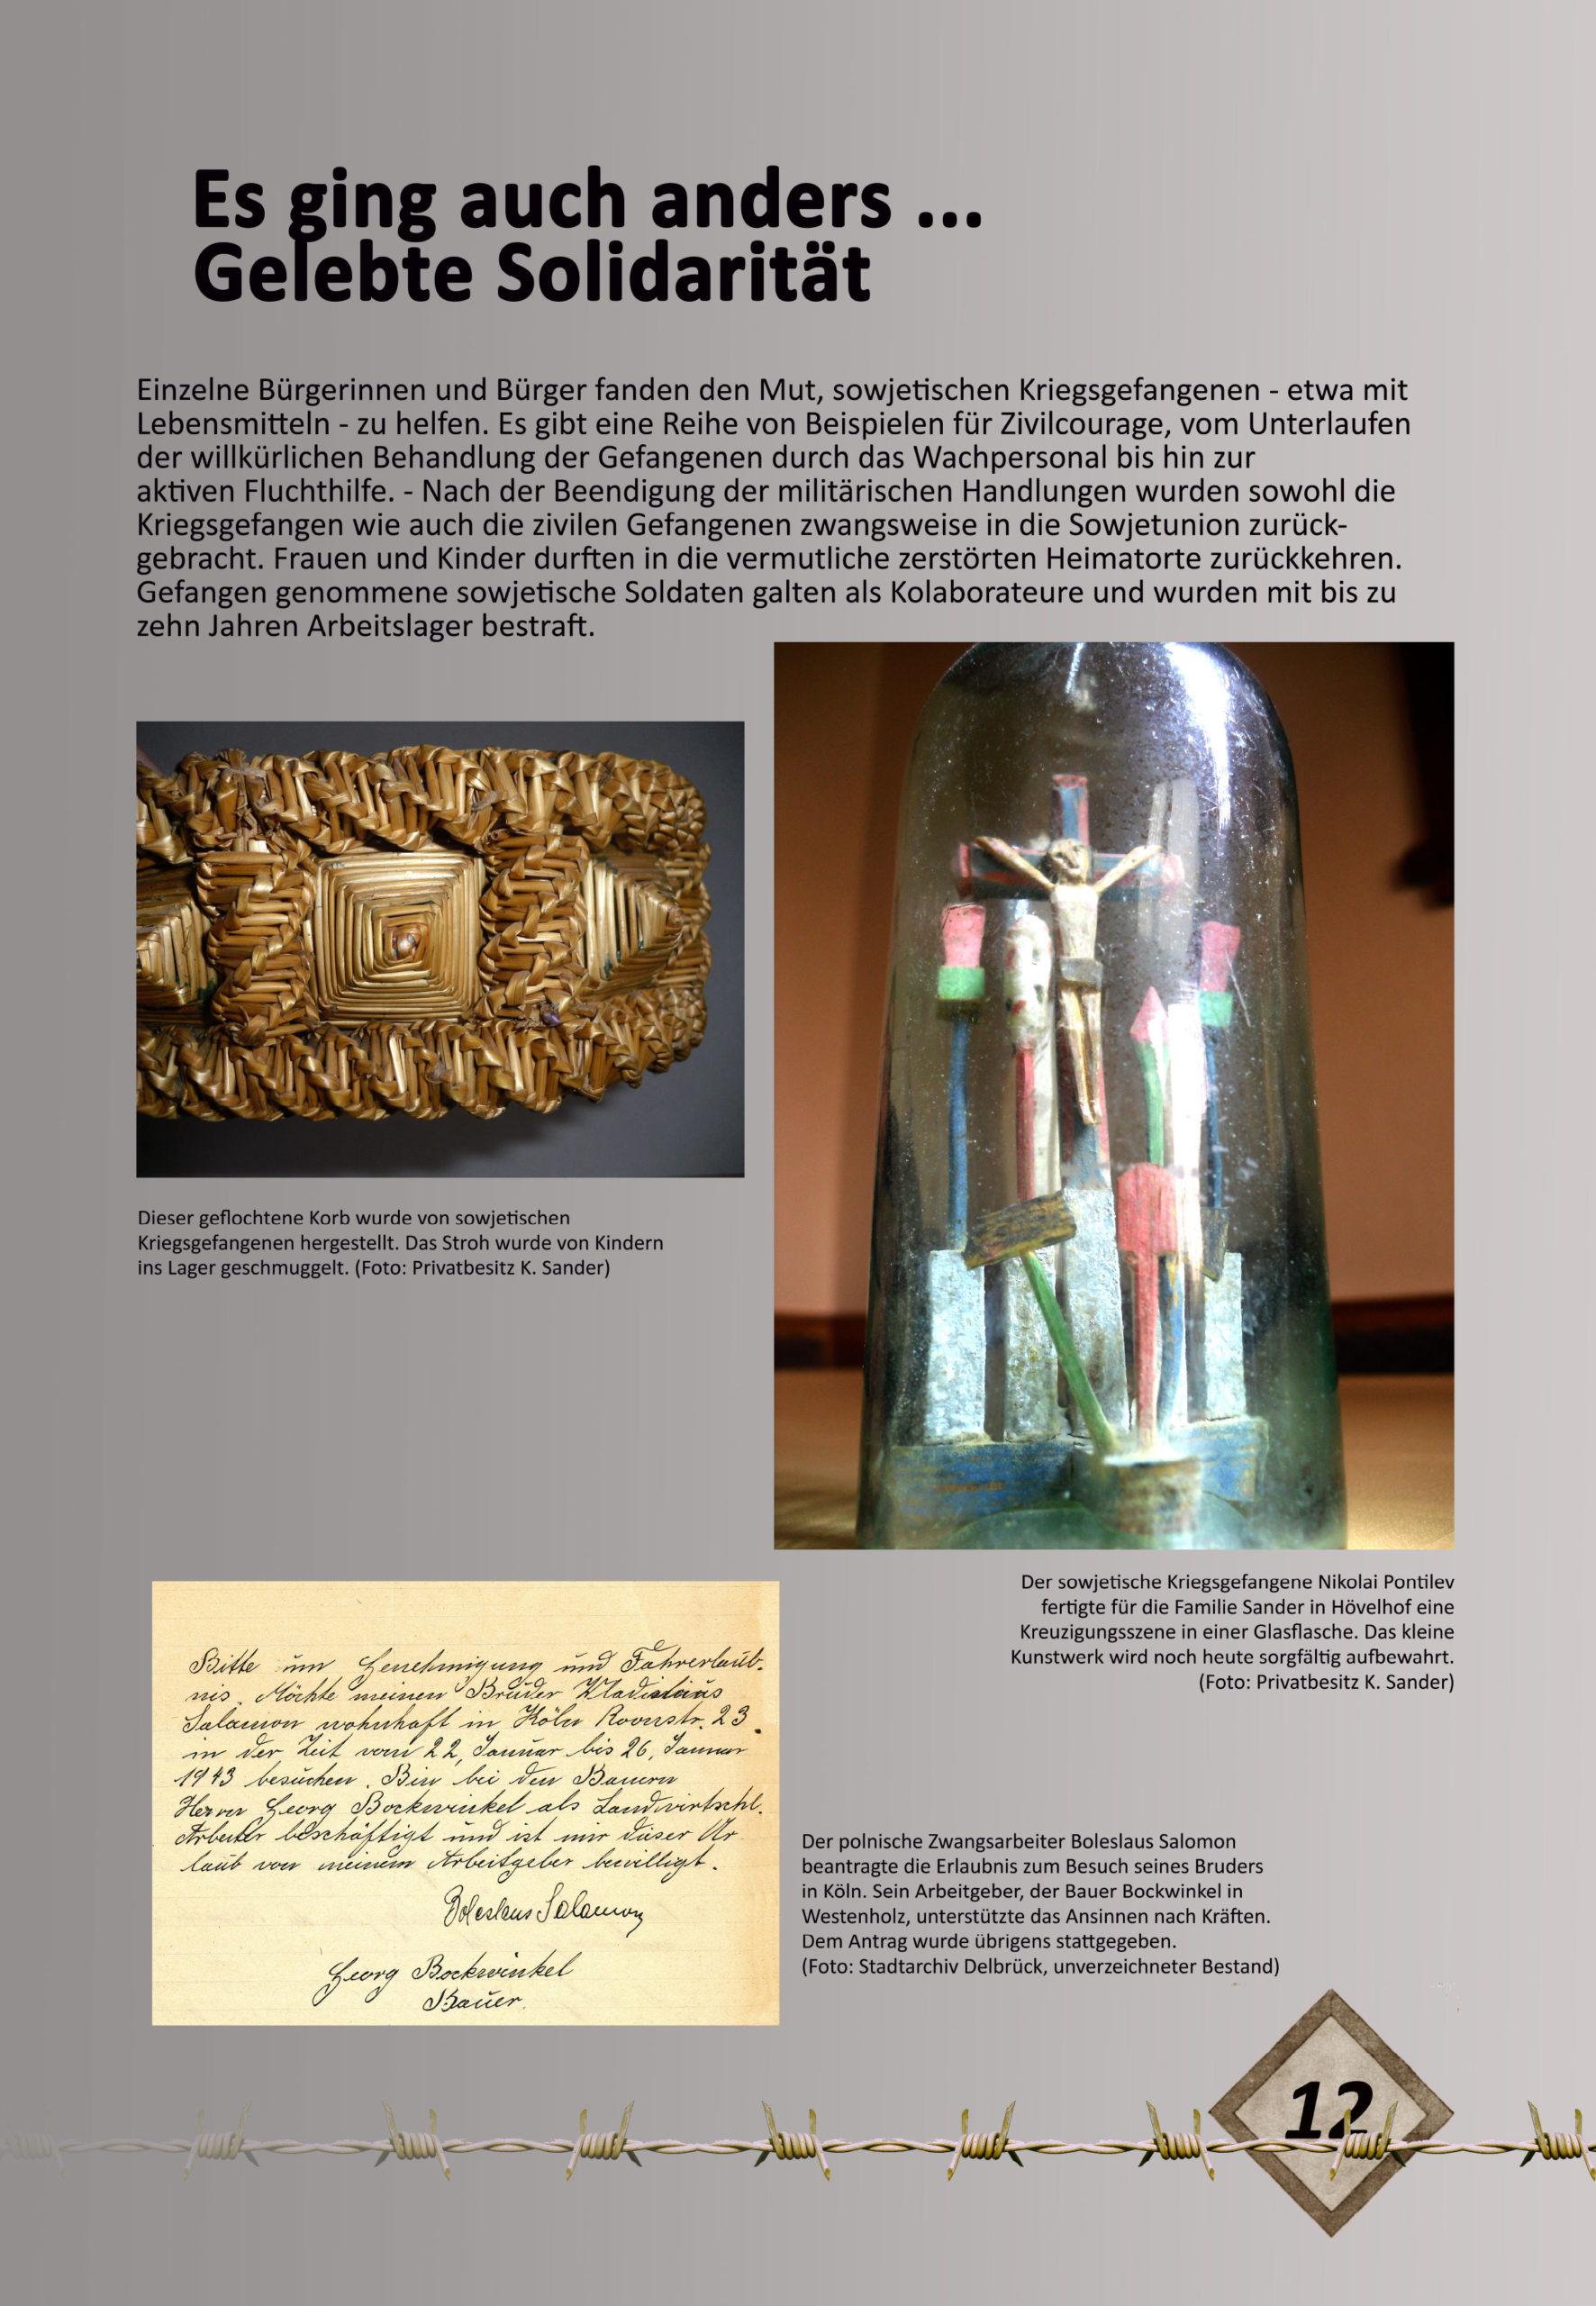 """Digitale Ausstellung """"Unter_Menschen"""" anlässlich des 75. Jahrestages der Befreiung der Kriegsgefangenen – Ausstellungstafel 12"""